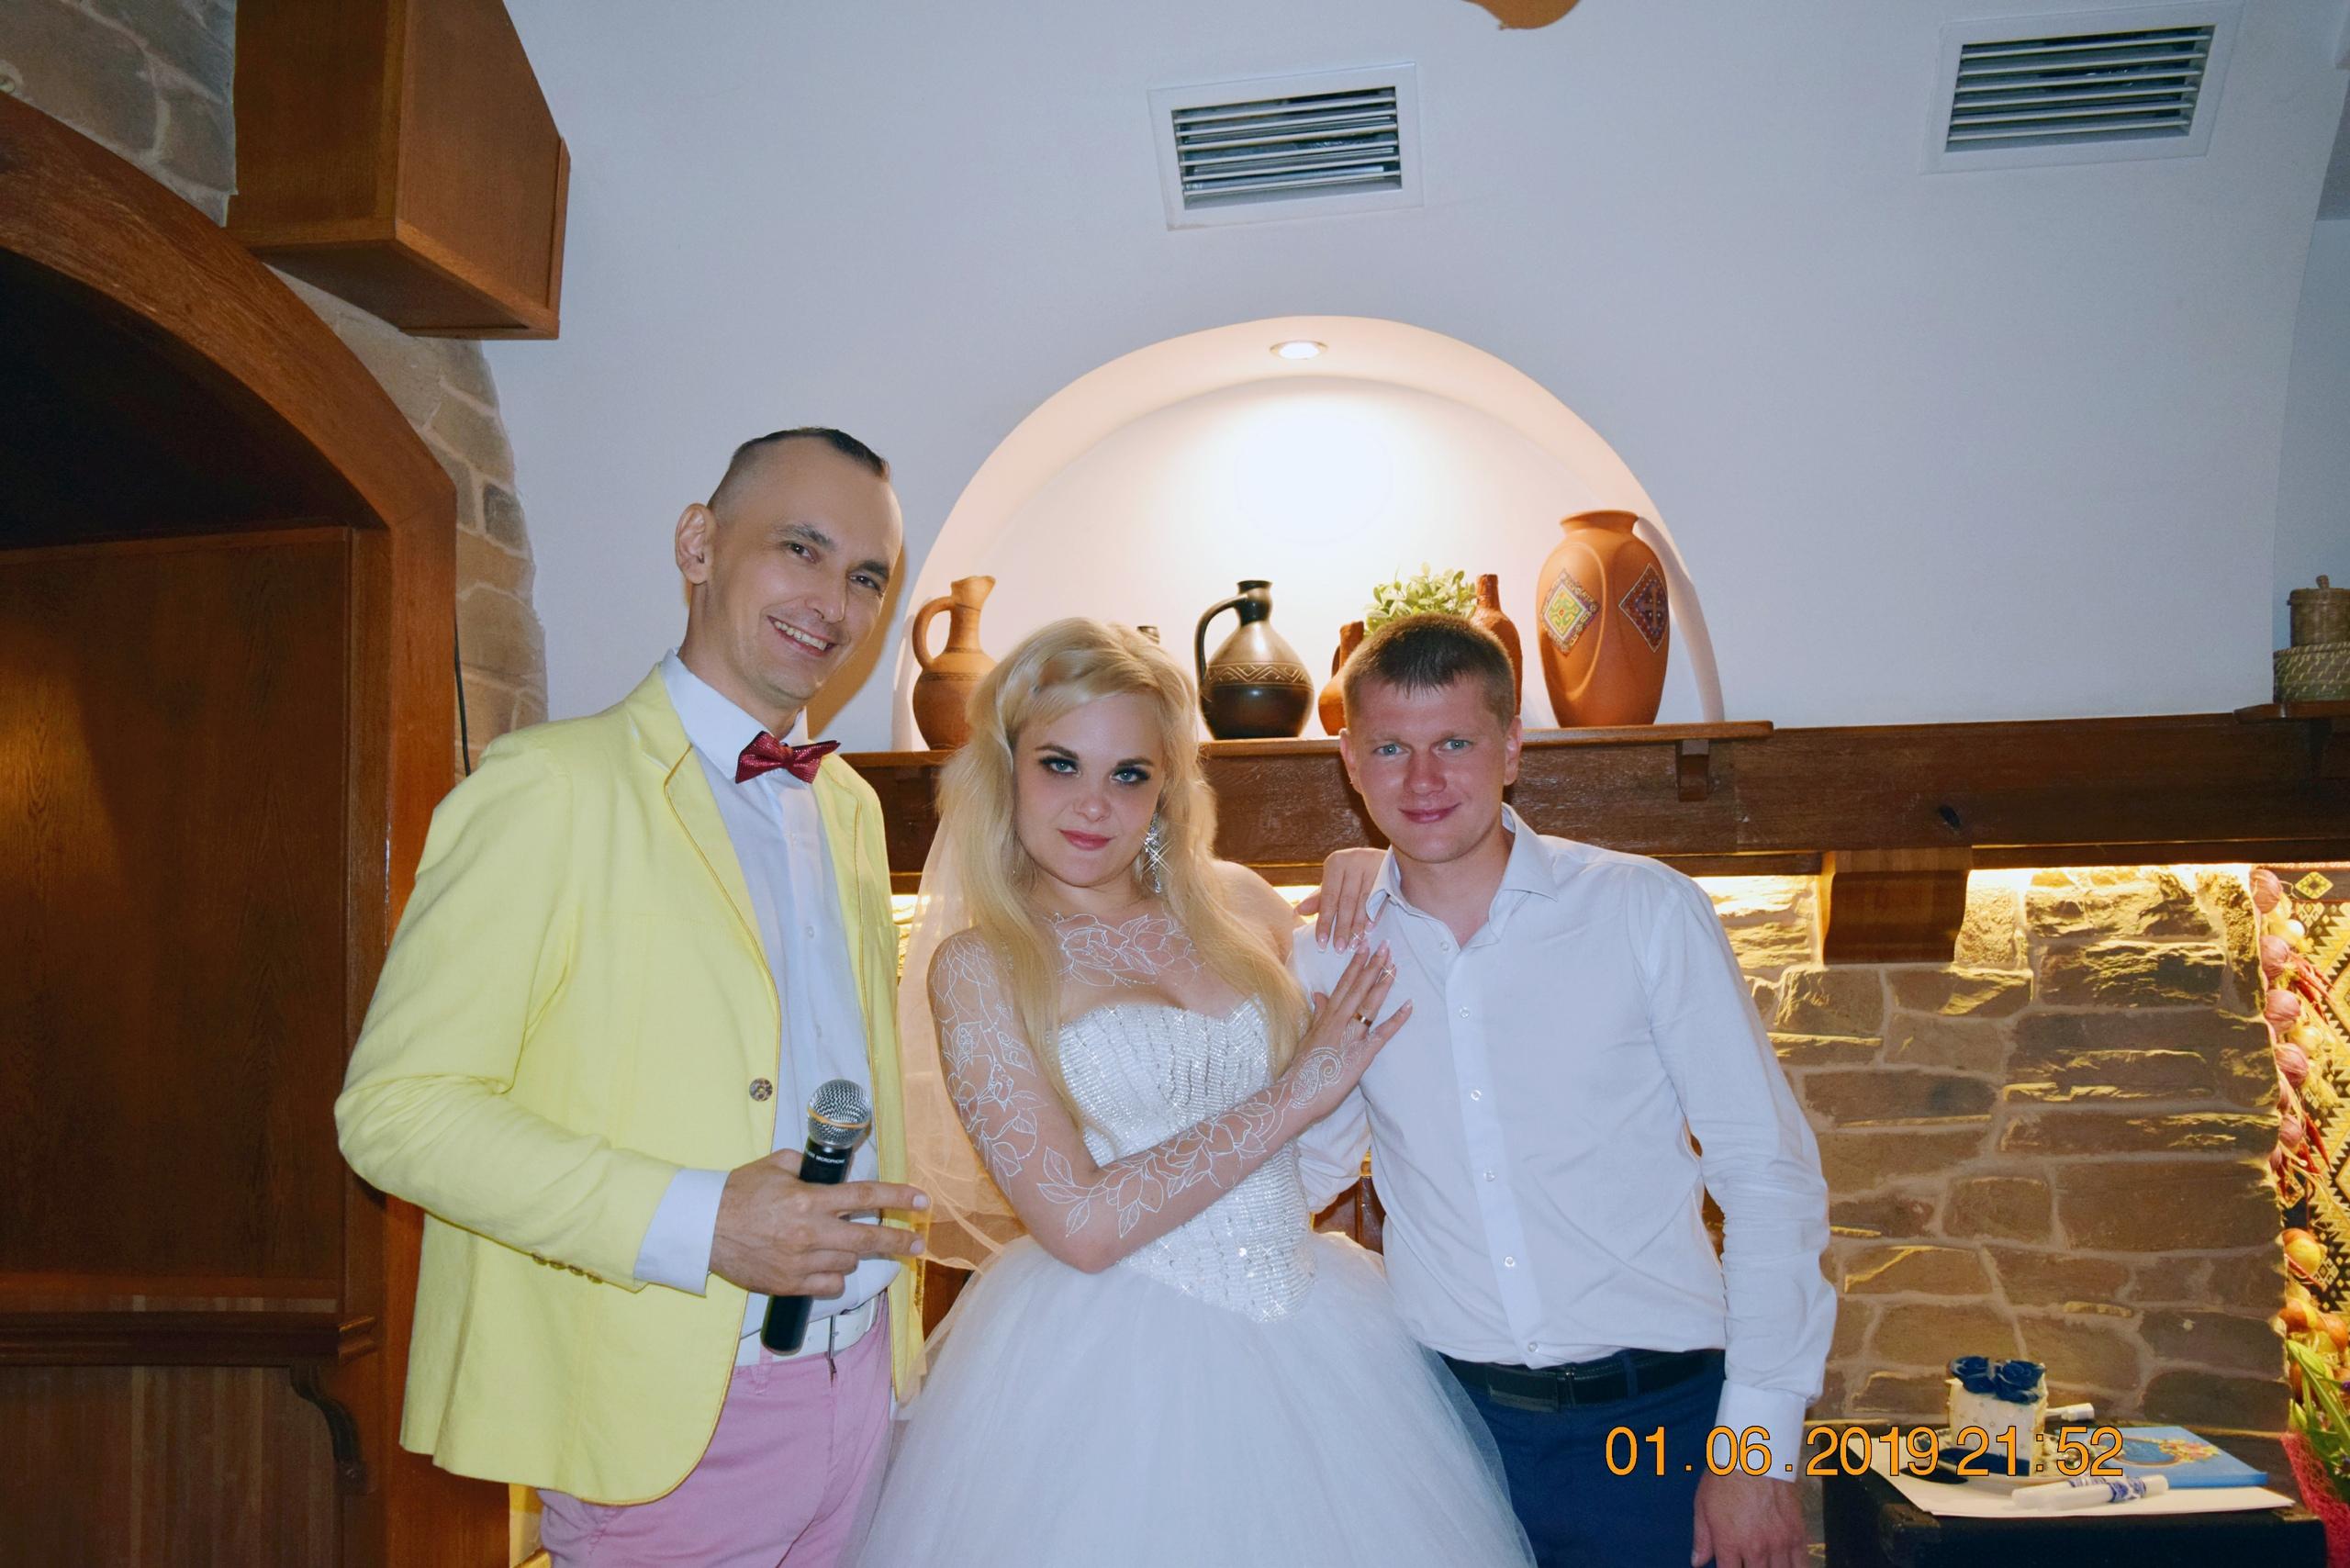 tNJO5rBxWpg - Свадьба Романа и Татьяны